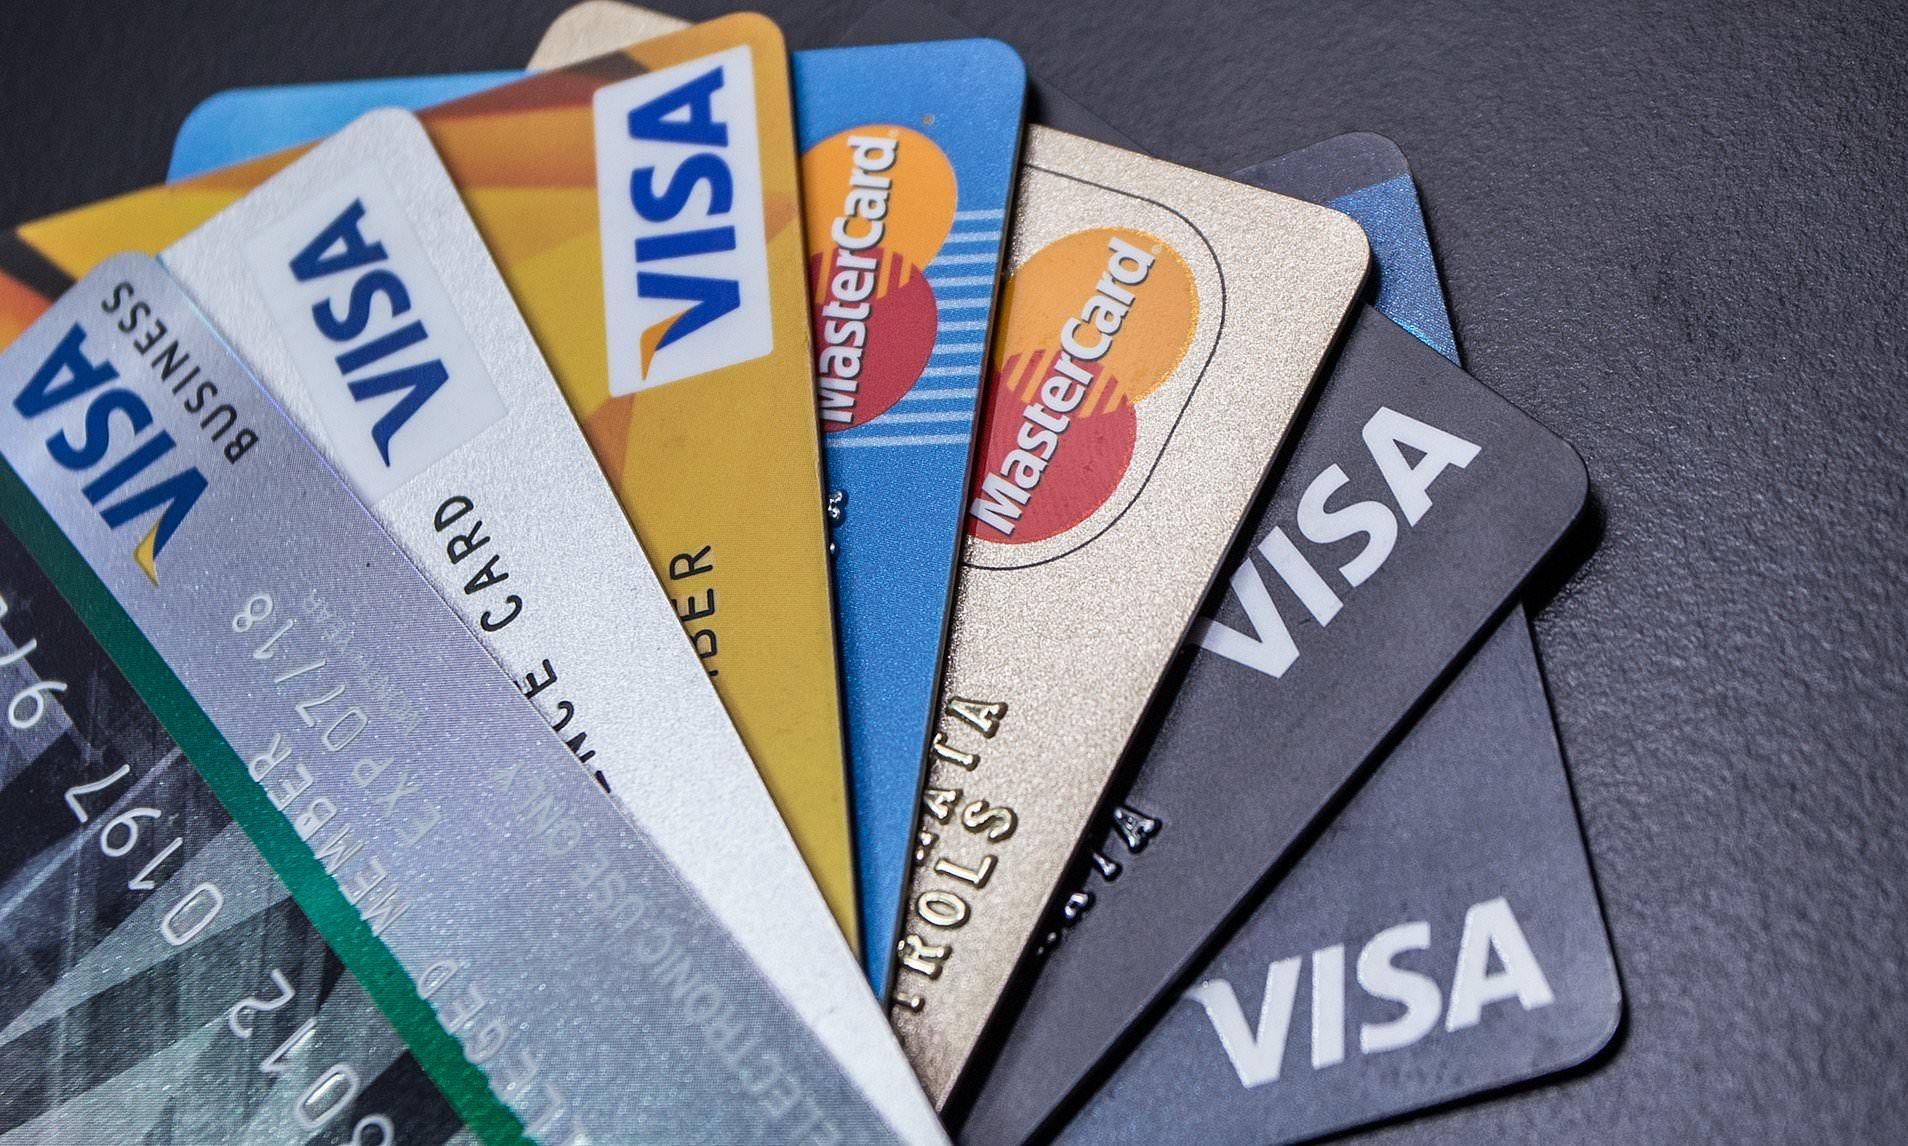 La Divisione Di Ricerca Del Gigante Delle Carte Di Pagamento Visa